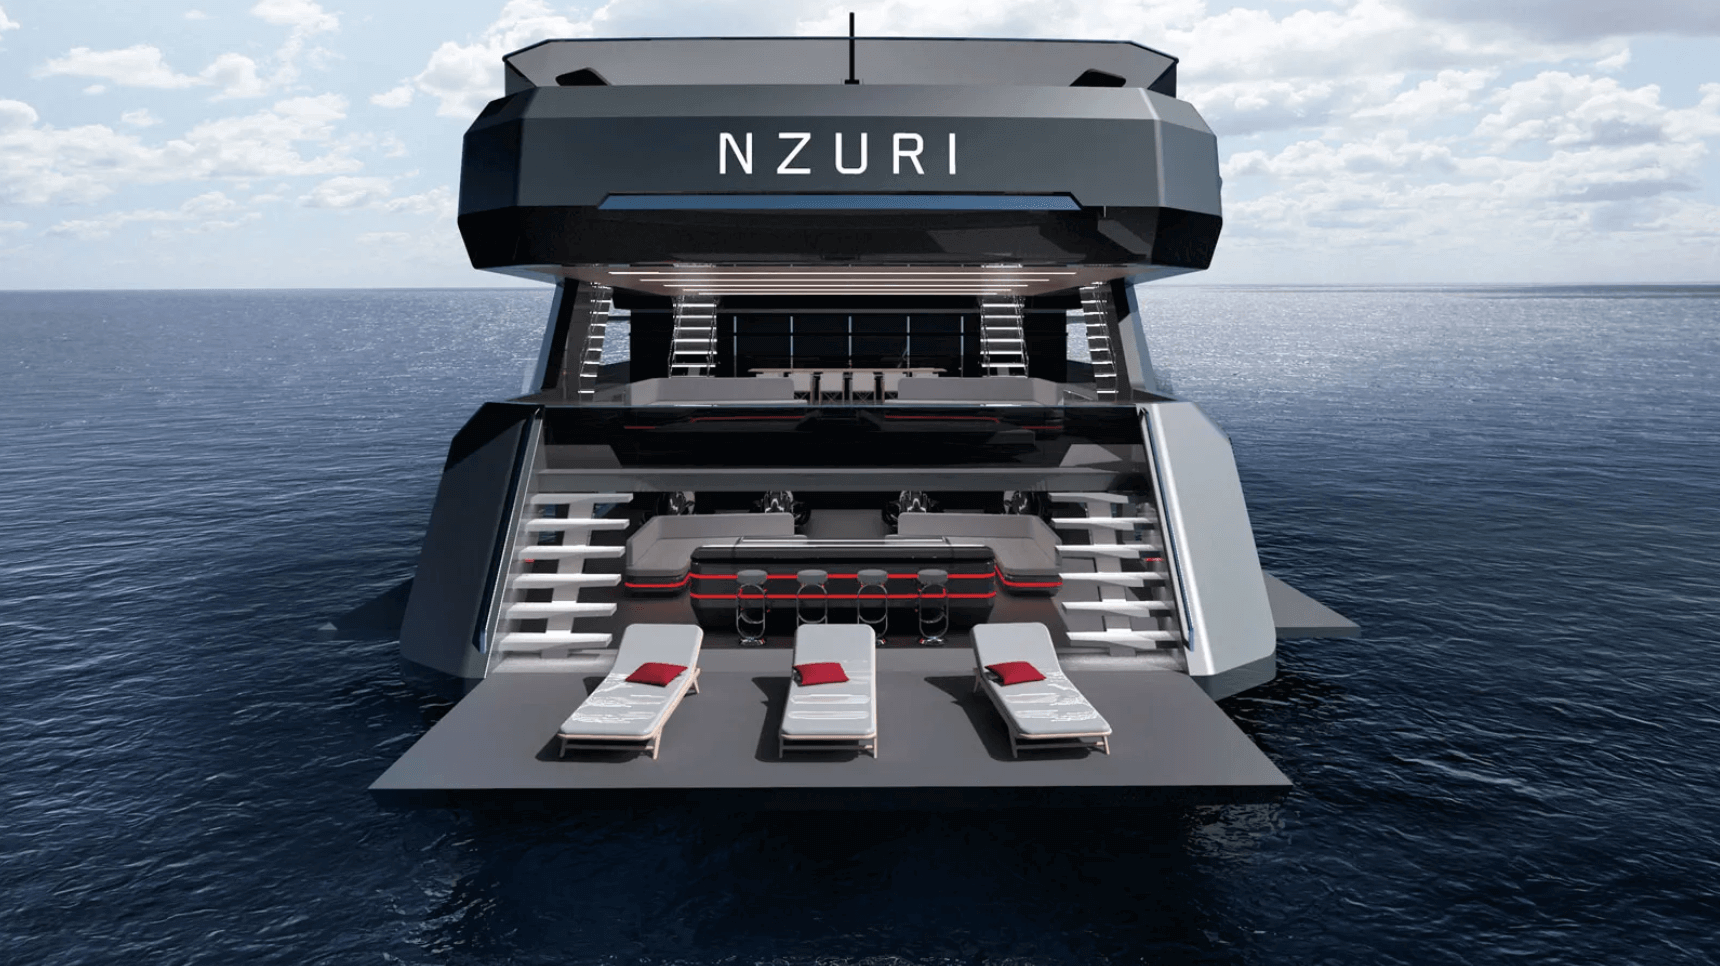 Kyron Design Nzuri süperyat görsel